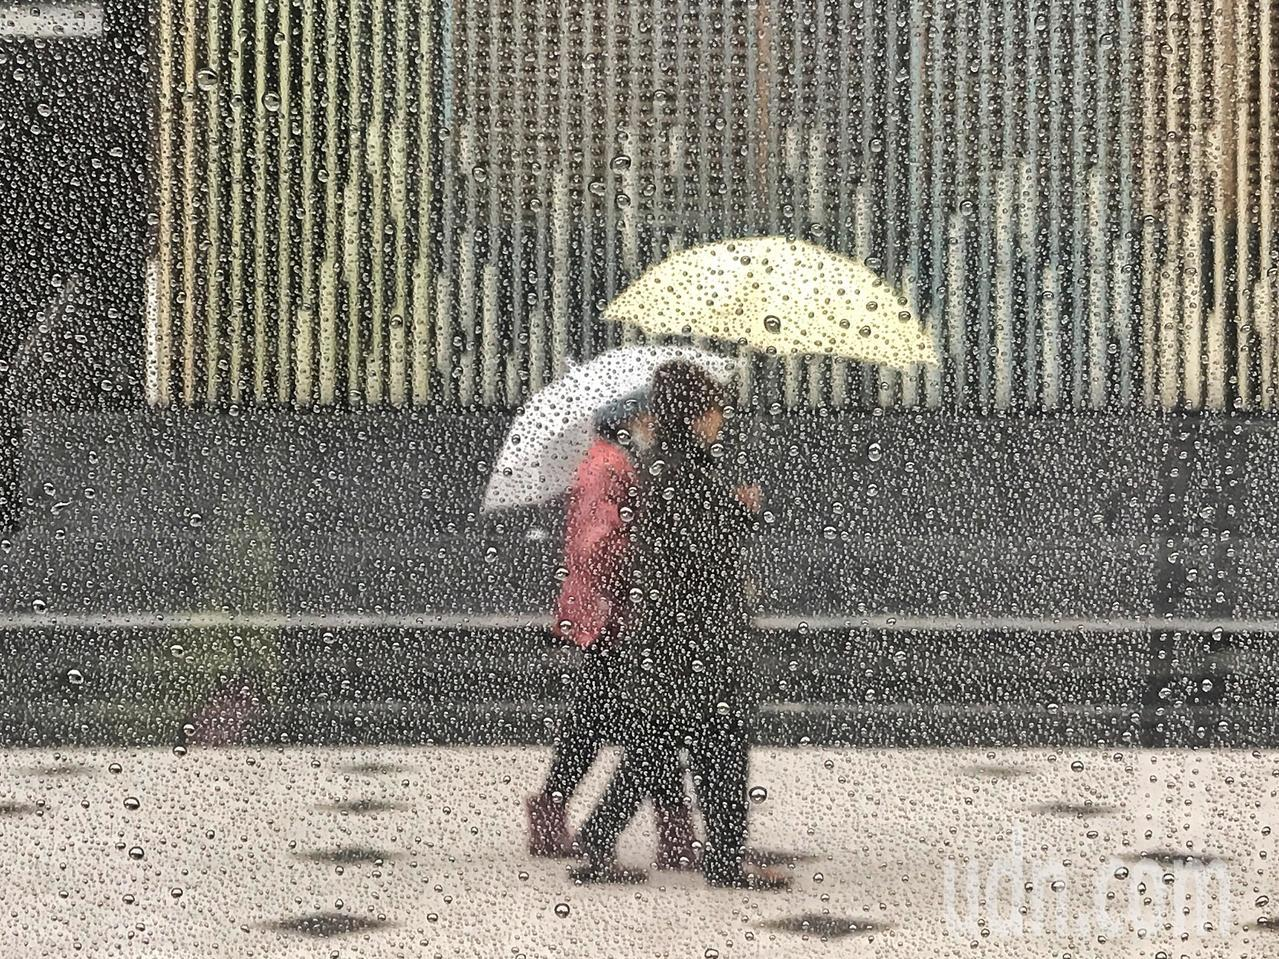 中央氣象局表示,浣熊颱風未來發展有限,但會間接影響台灣天氣,未來一周是濕涼的天氣...